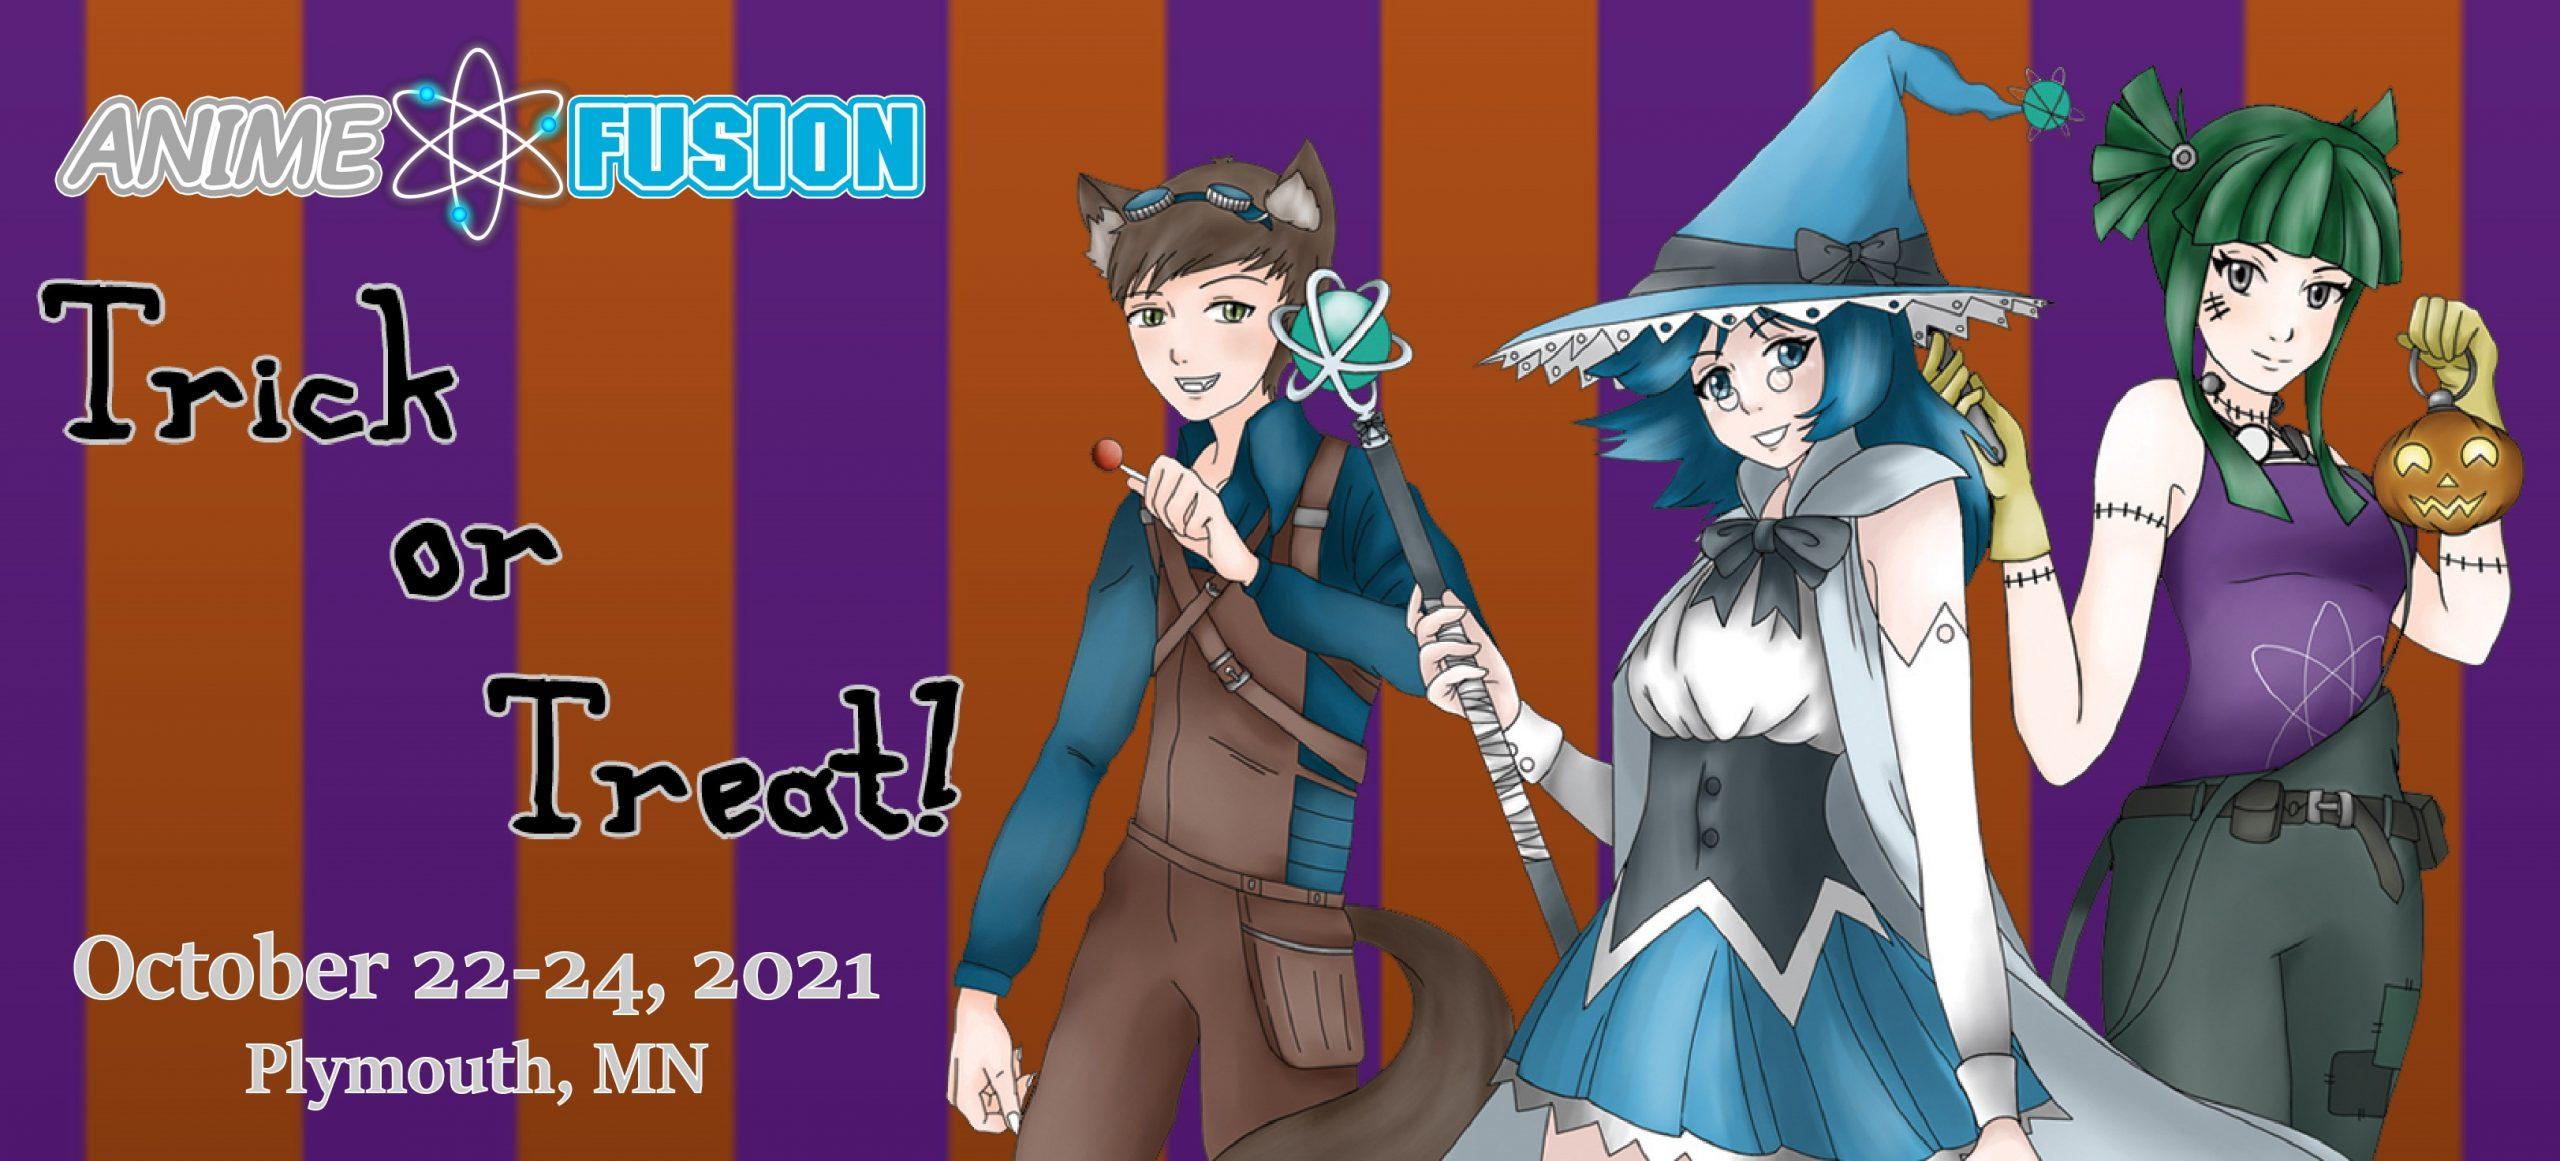 Anime Fusion 2021